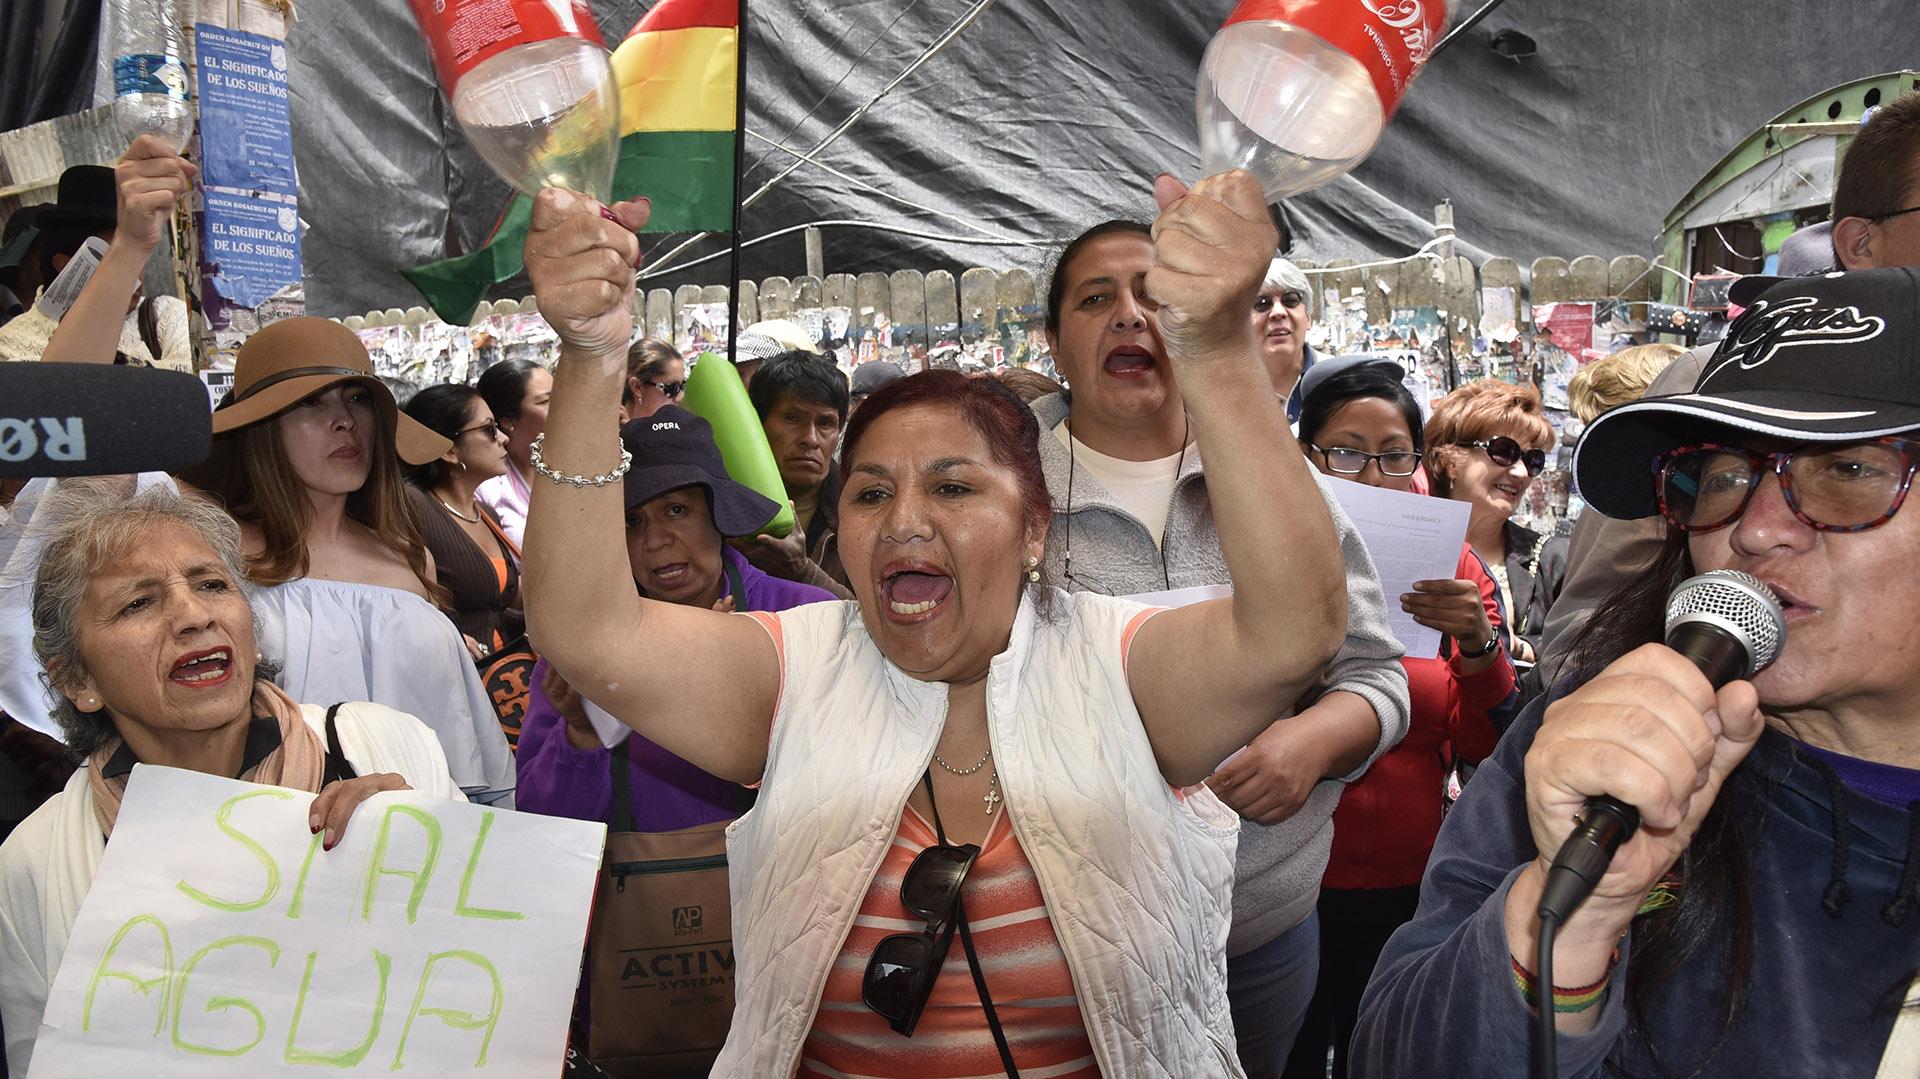 """Morales consideró que algunos medios y opositores están """"exagerando y politizando el tema"""" y los emplazó a que denuncien con nombres a la supuesta firma que opera en el lugar (AFP)"""